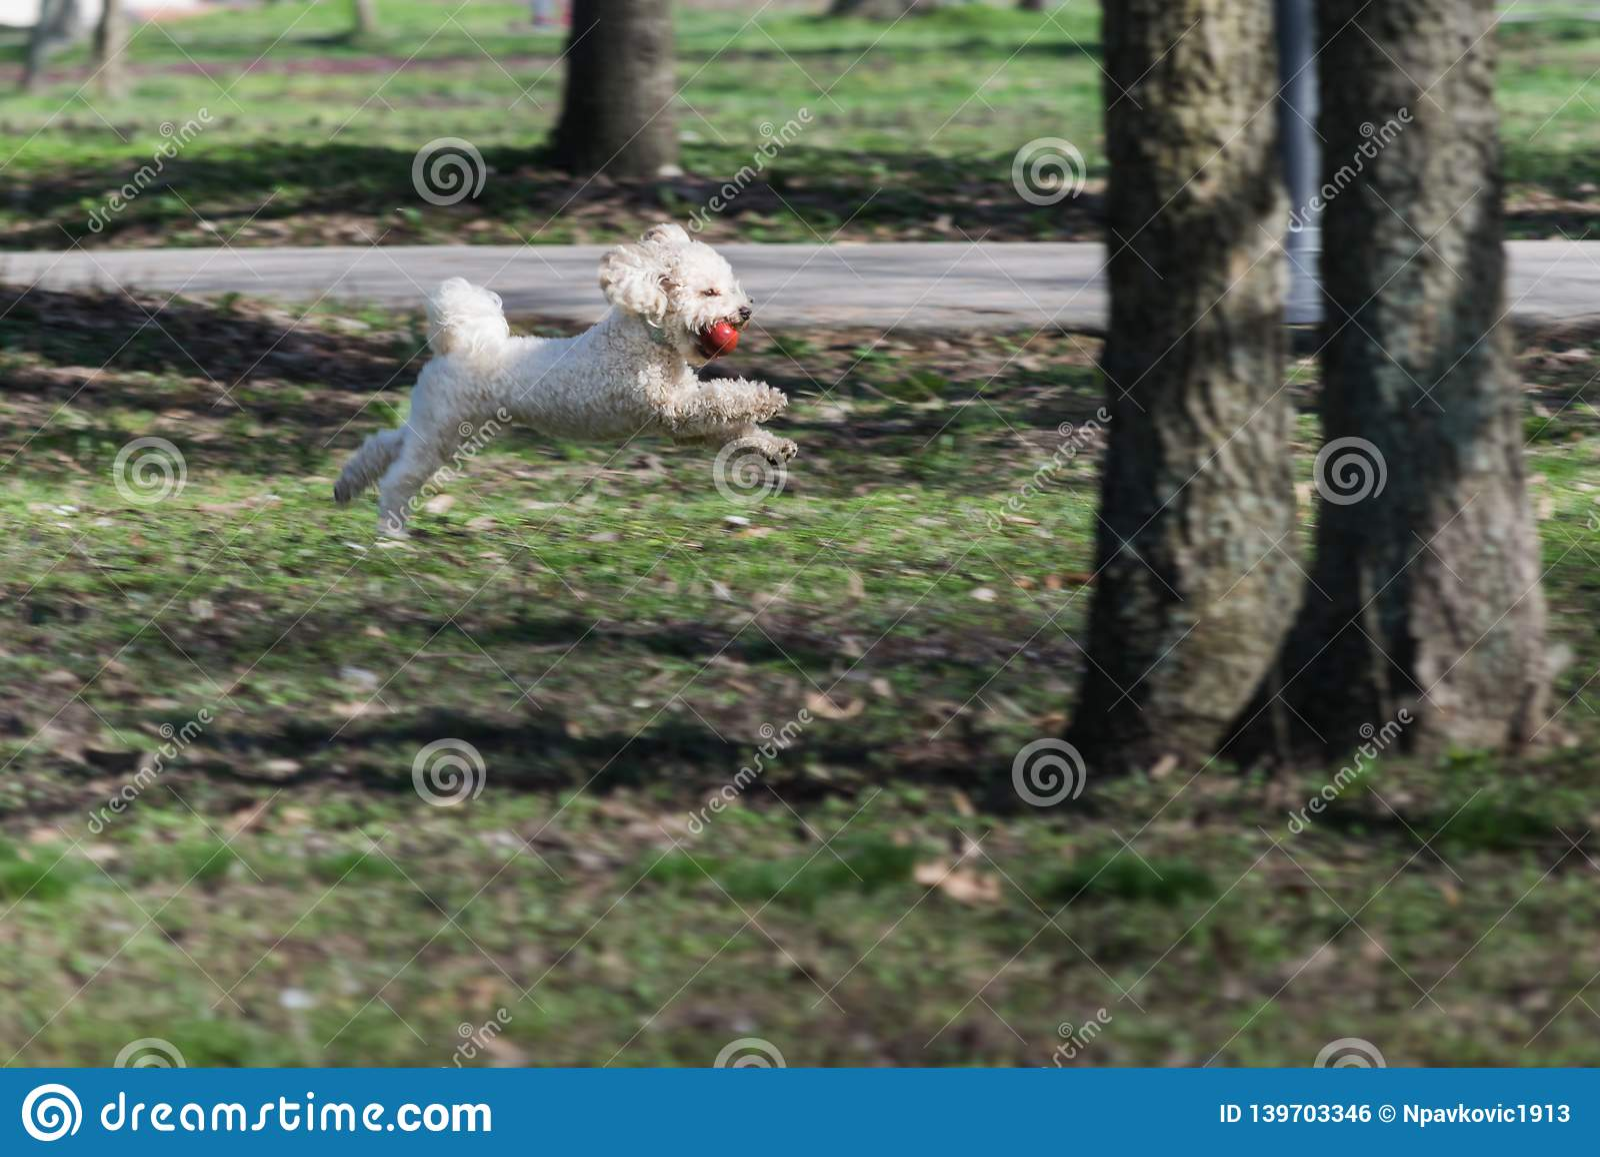 Bichon est courant et sautant avec une boule rouge dans la bouche en parc